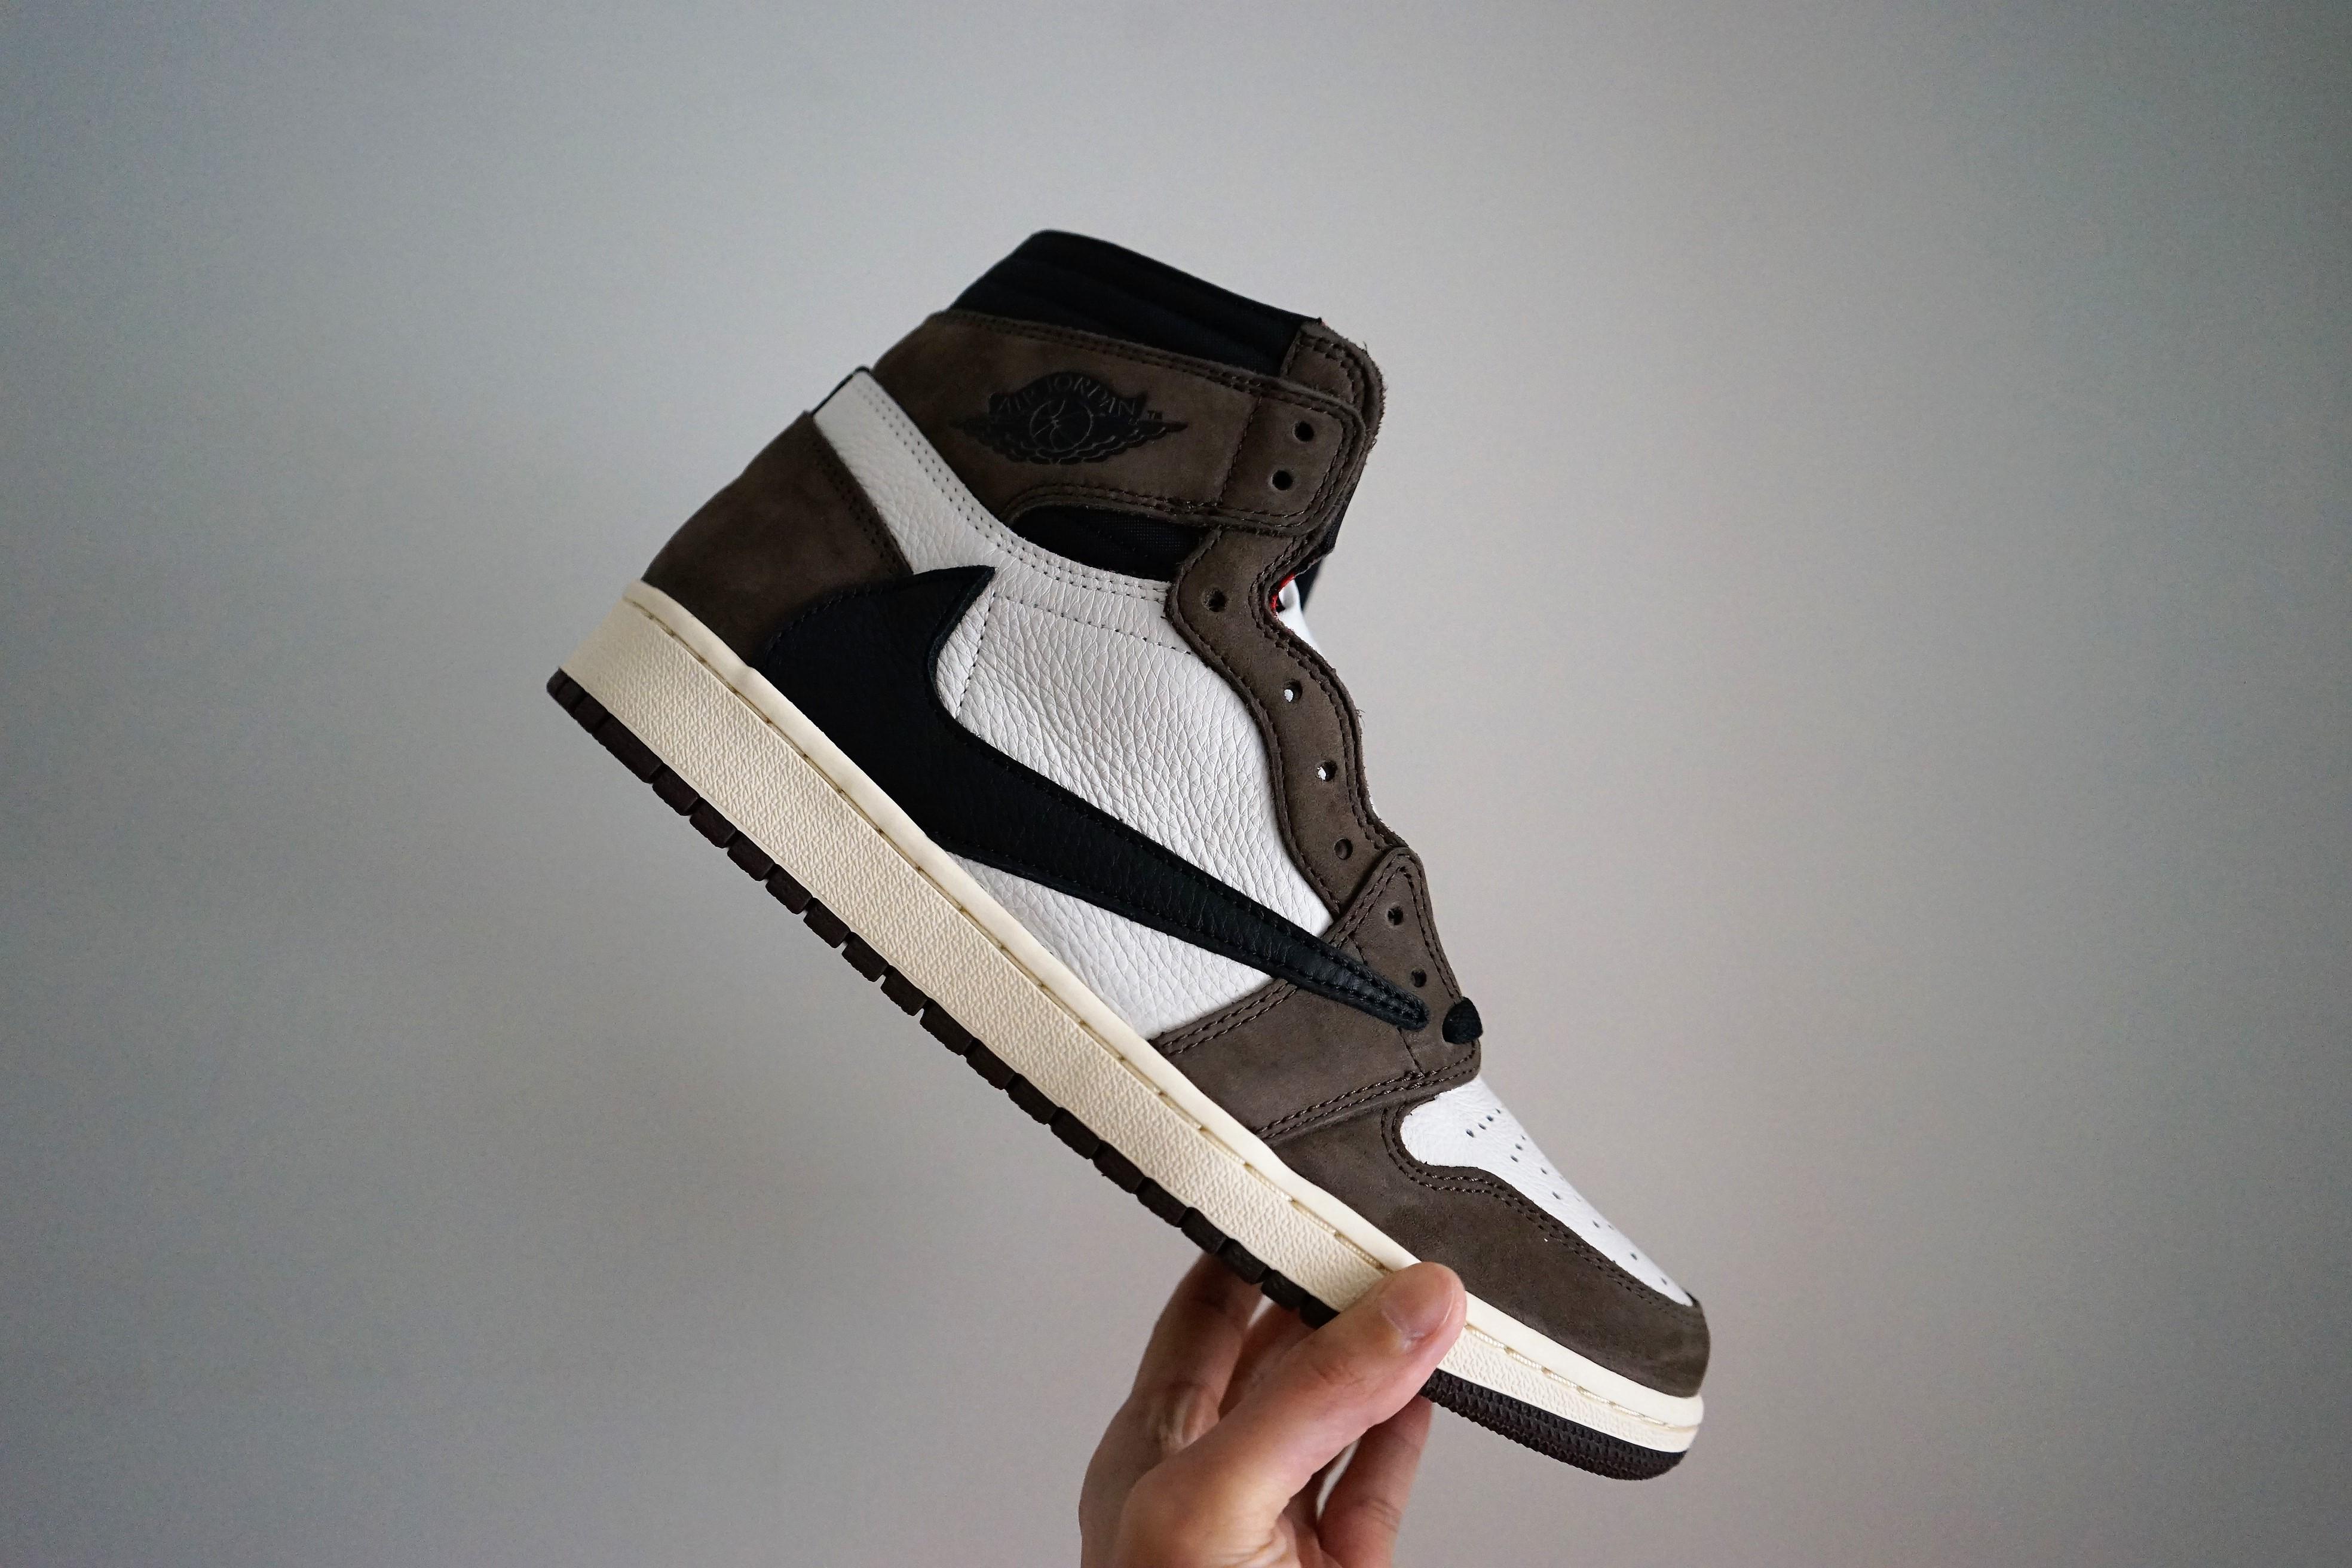 Nike Air Jordan 1 Travis Scott Cactus Jack